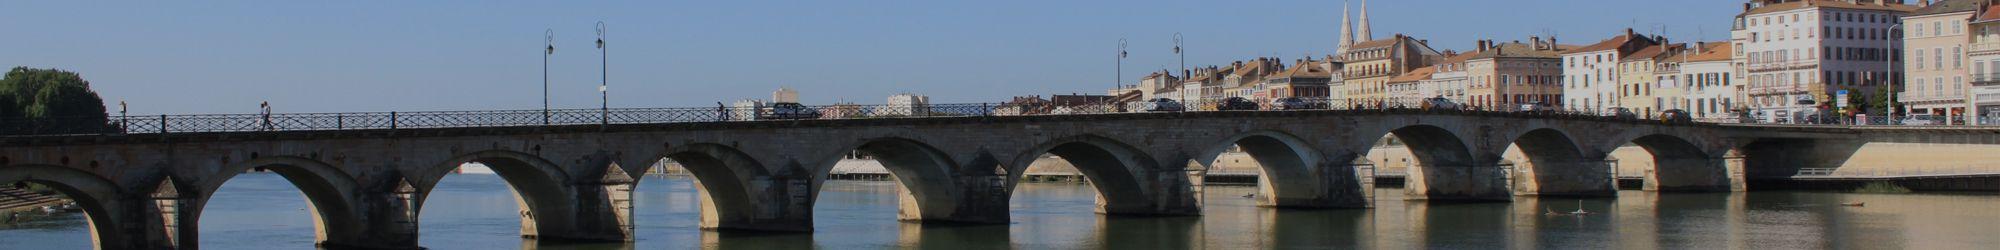 Pont de Mâcon